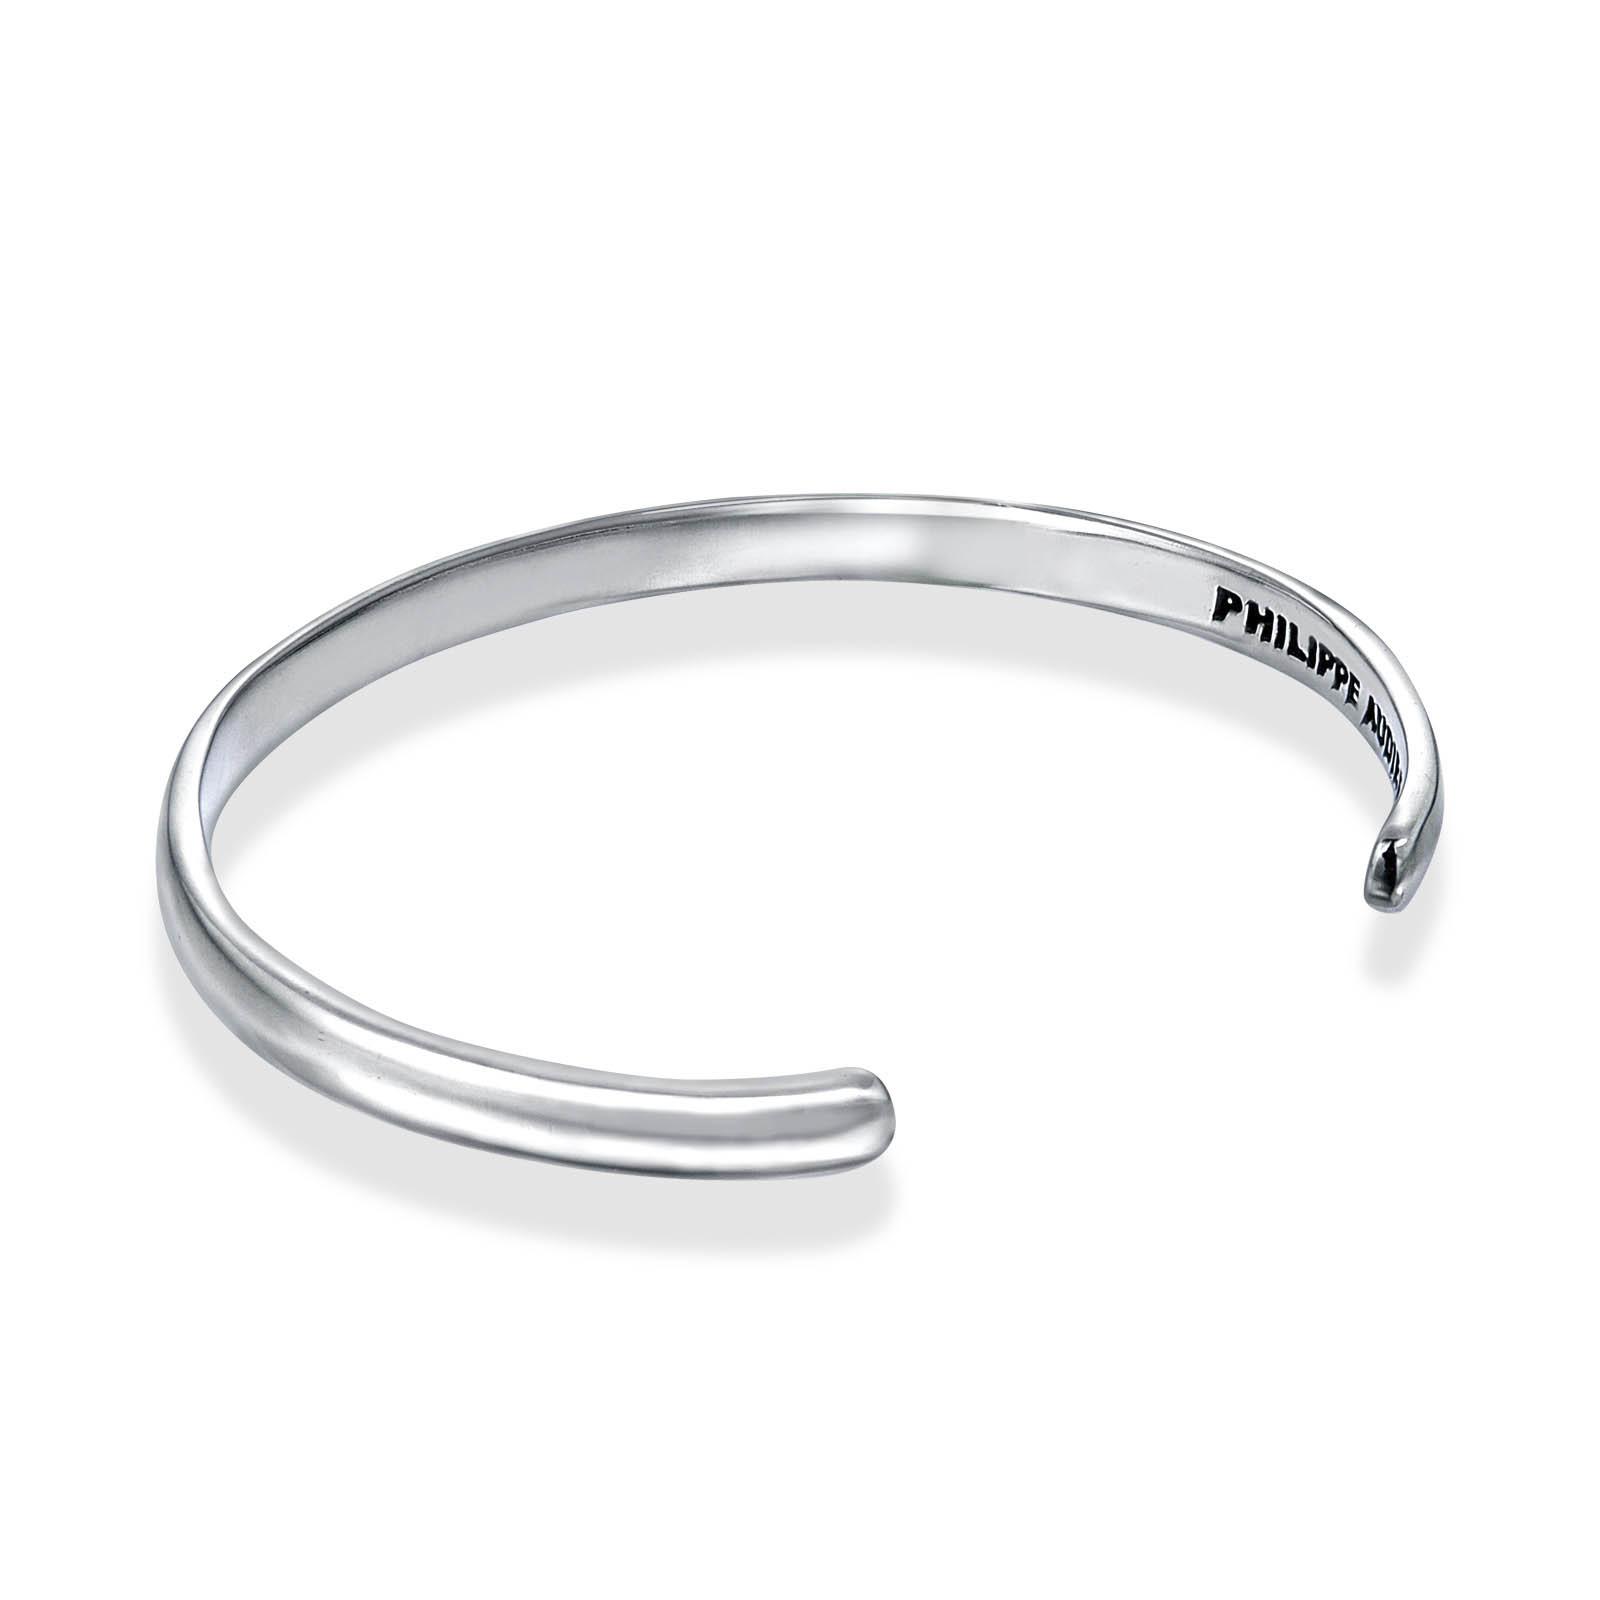 PHILIPPE AUDIBERT Bracelet Magic PSG